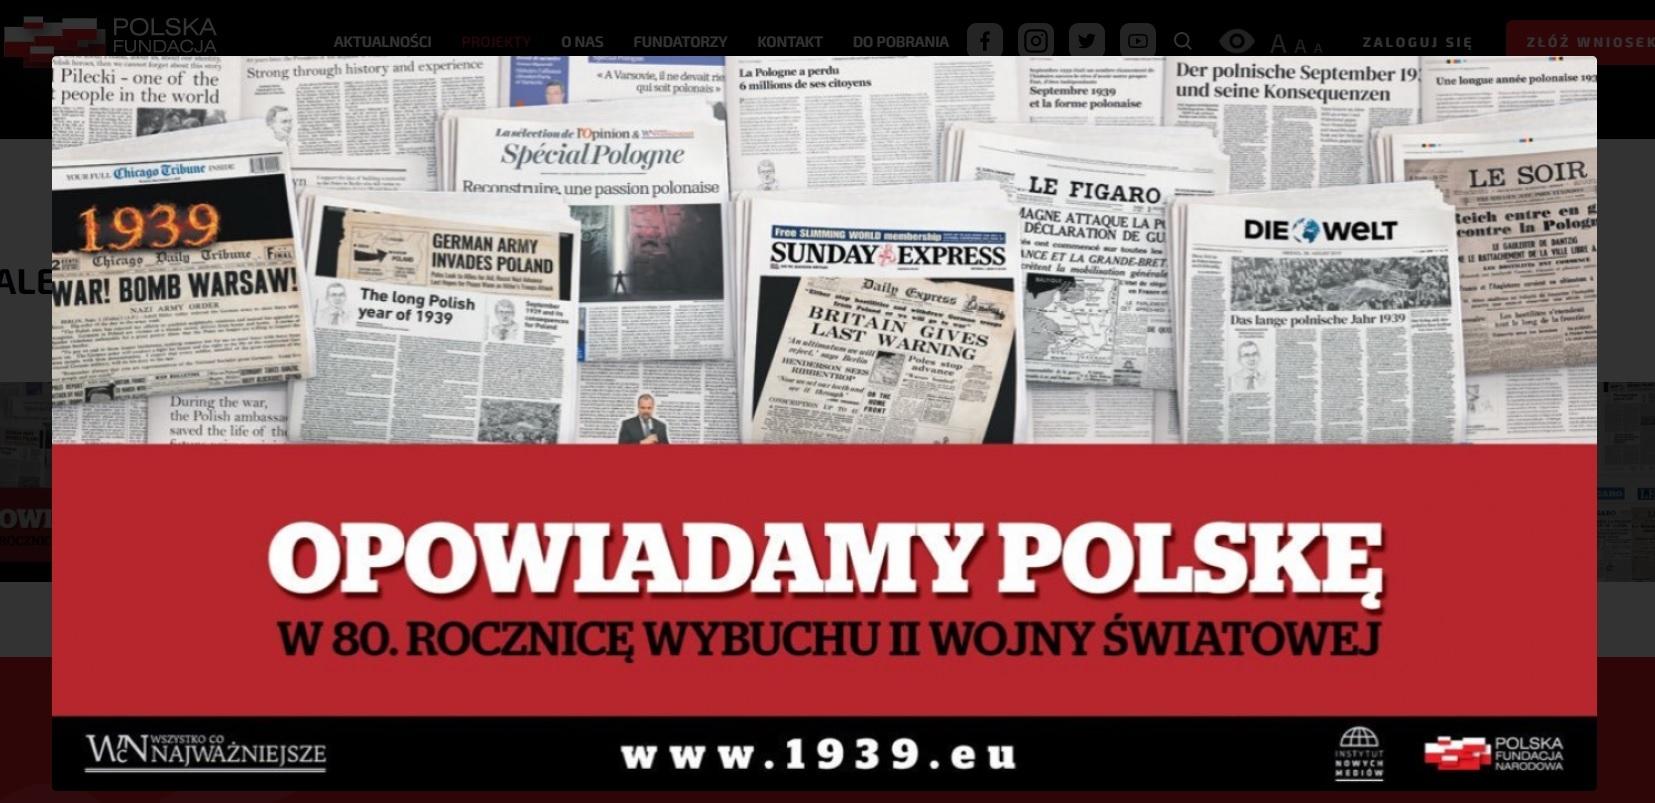 PFN we współpracy z Instytutem Nowych Mediów zamieściła w dniach 30 sierpnia - 1 września w zagranicznej prasie informację o rocznicy wybuchu II wojny światowej (o czym informuje na swojej stronie)